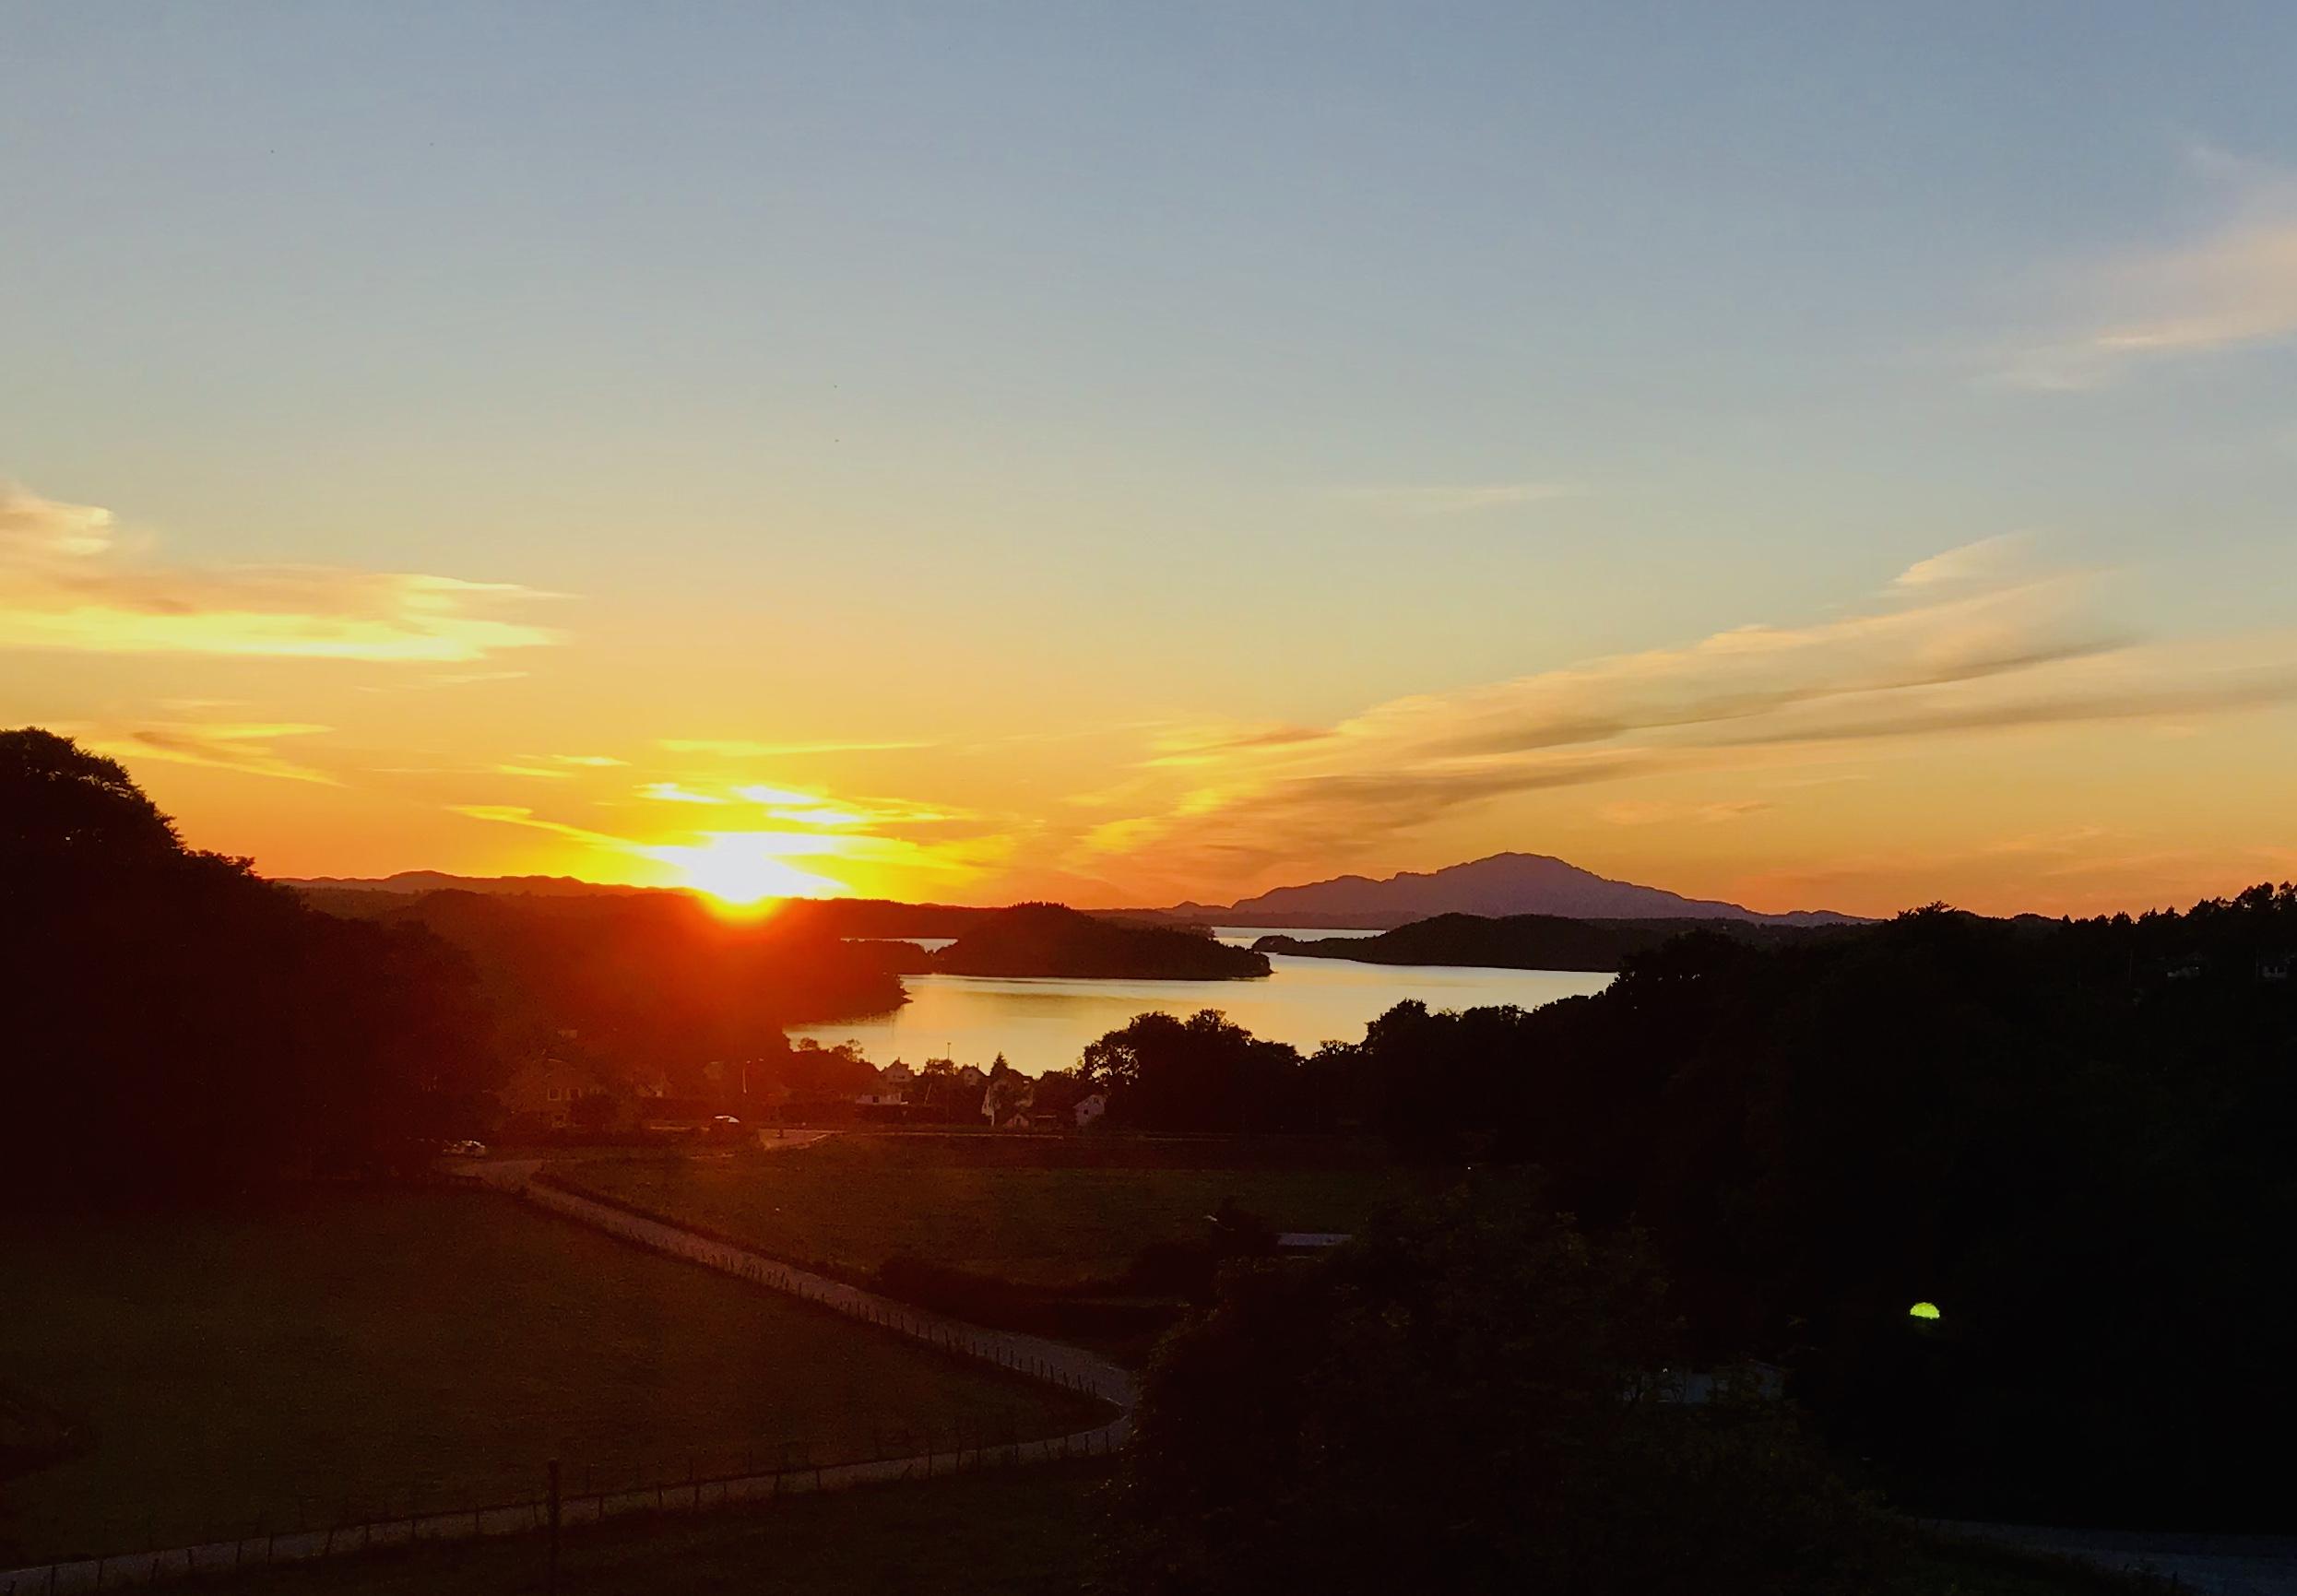 Solnedgang i Førde i Hordaland med fjellprofilen Siggjo i bakgrunnen.